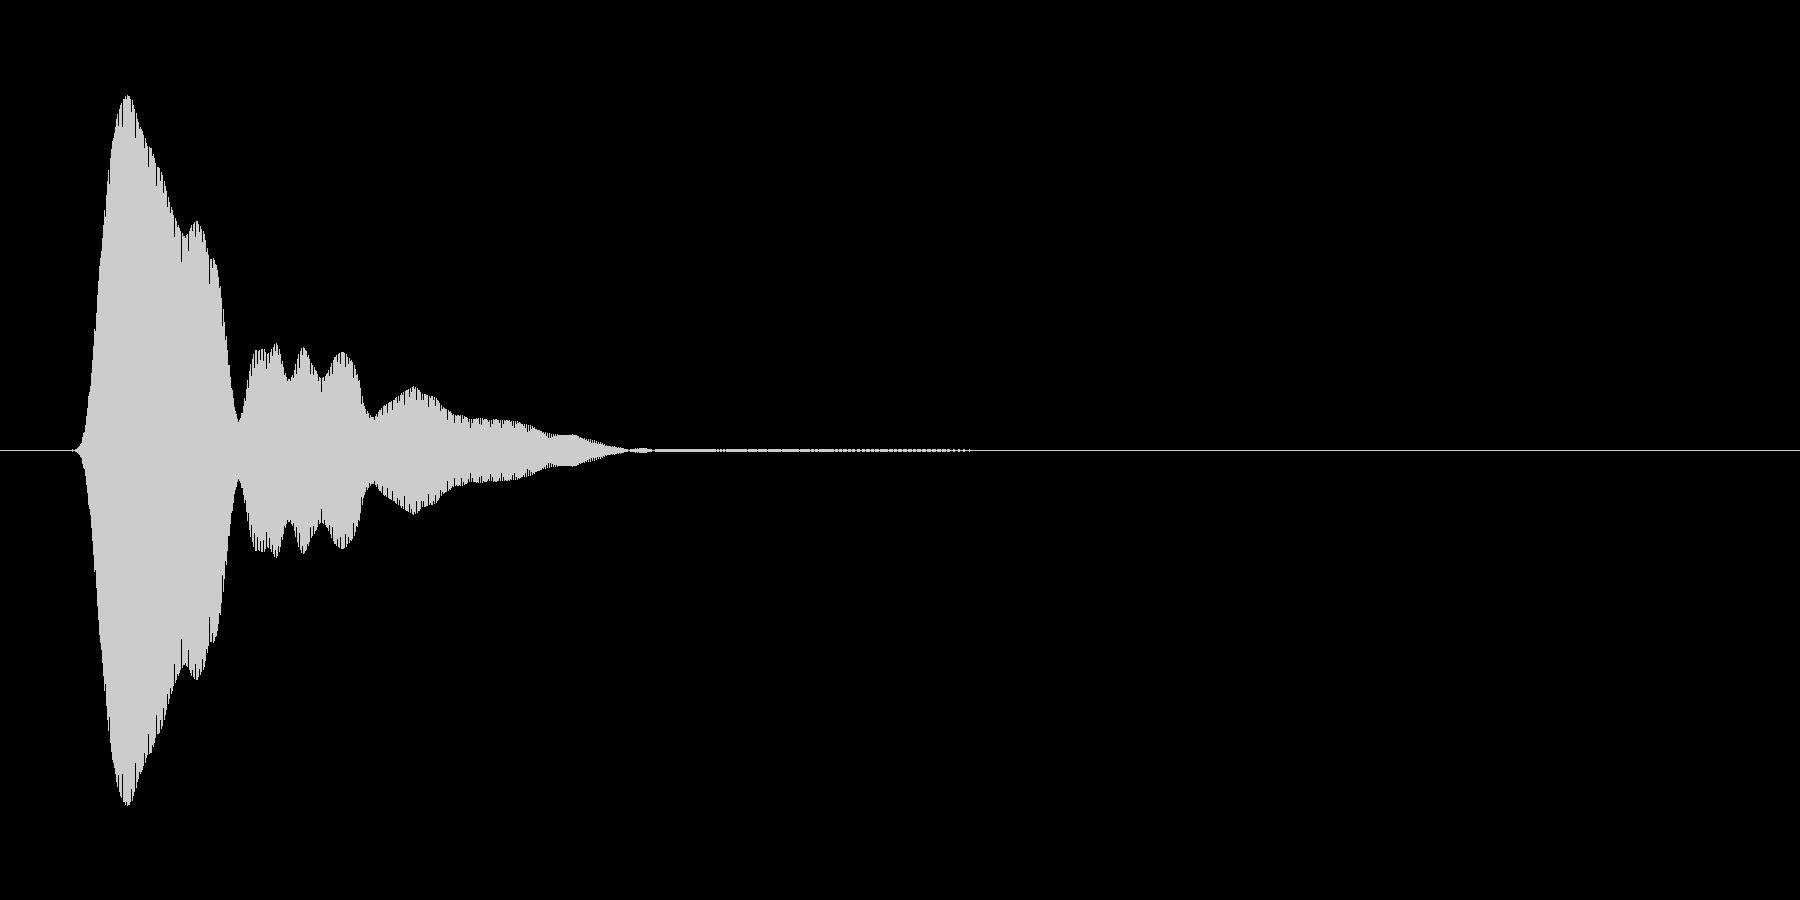 ぷう↓(マスコットが一息つく音)の未再生の波形